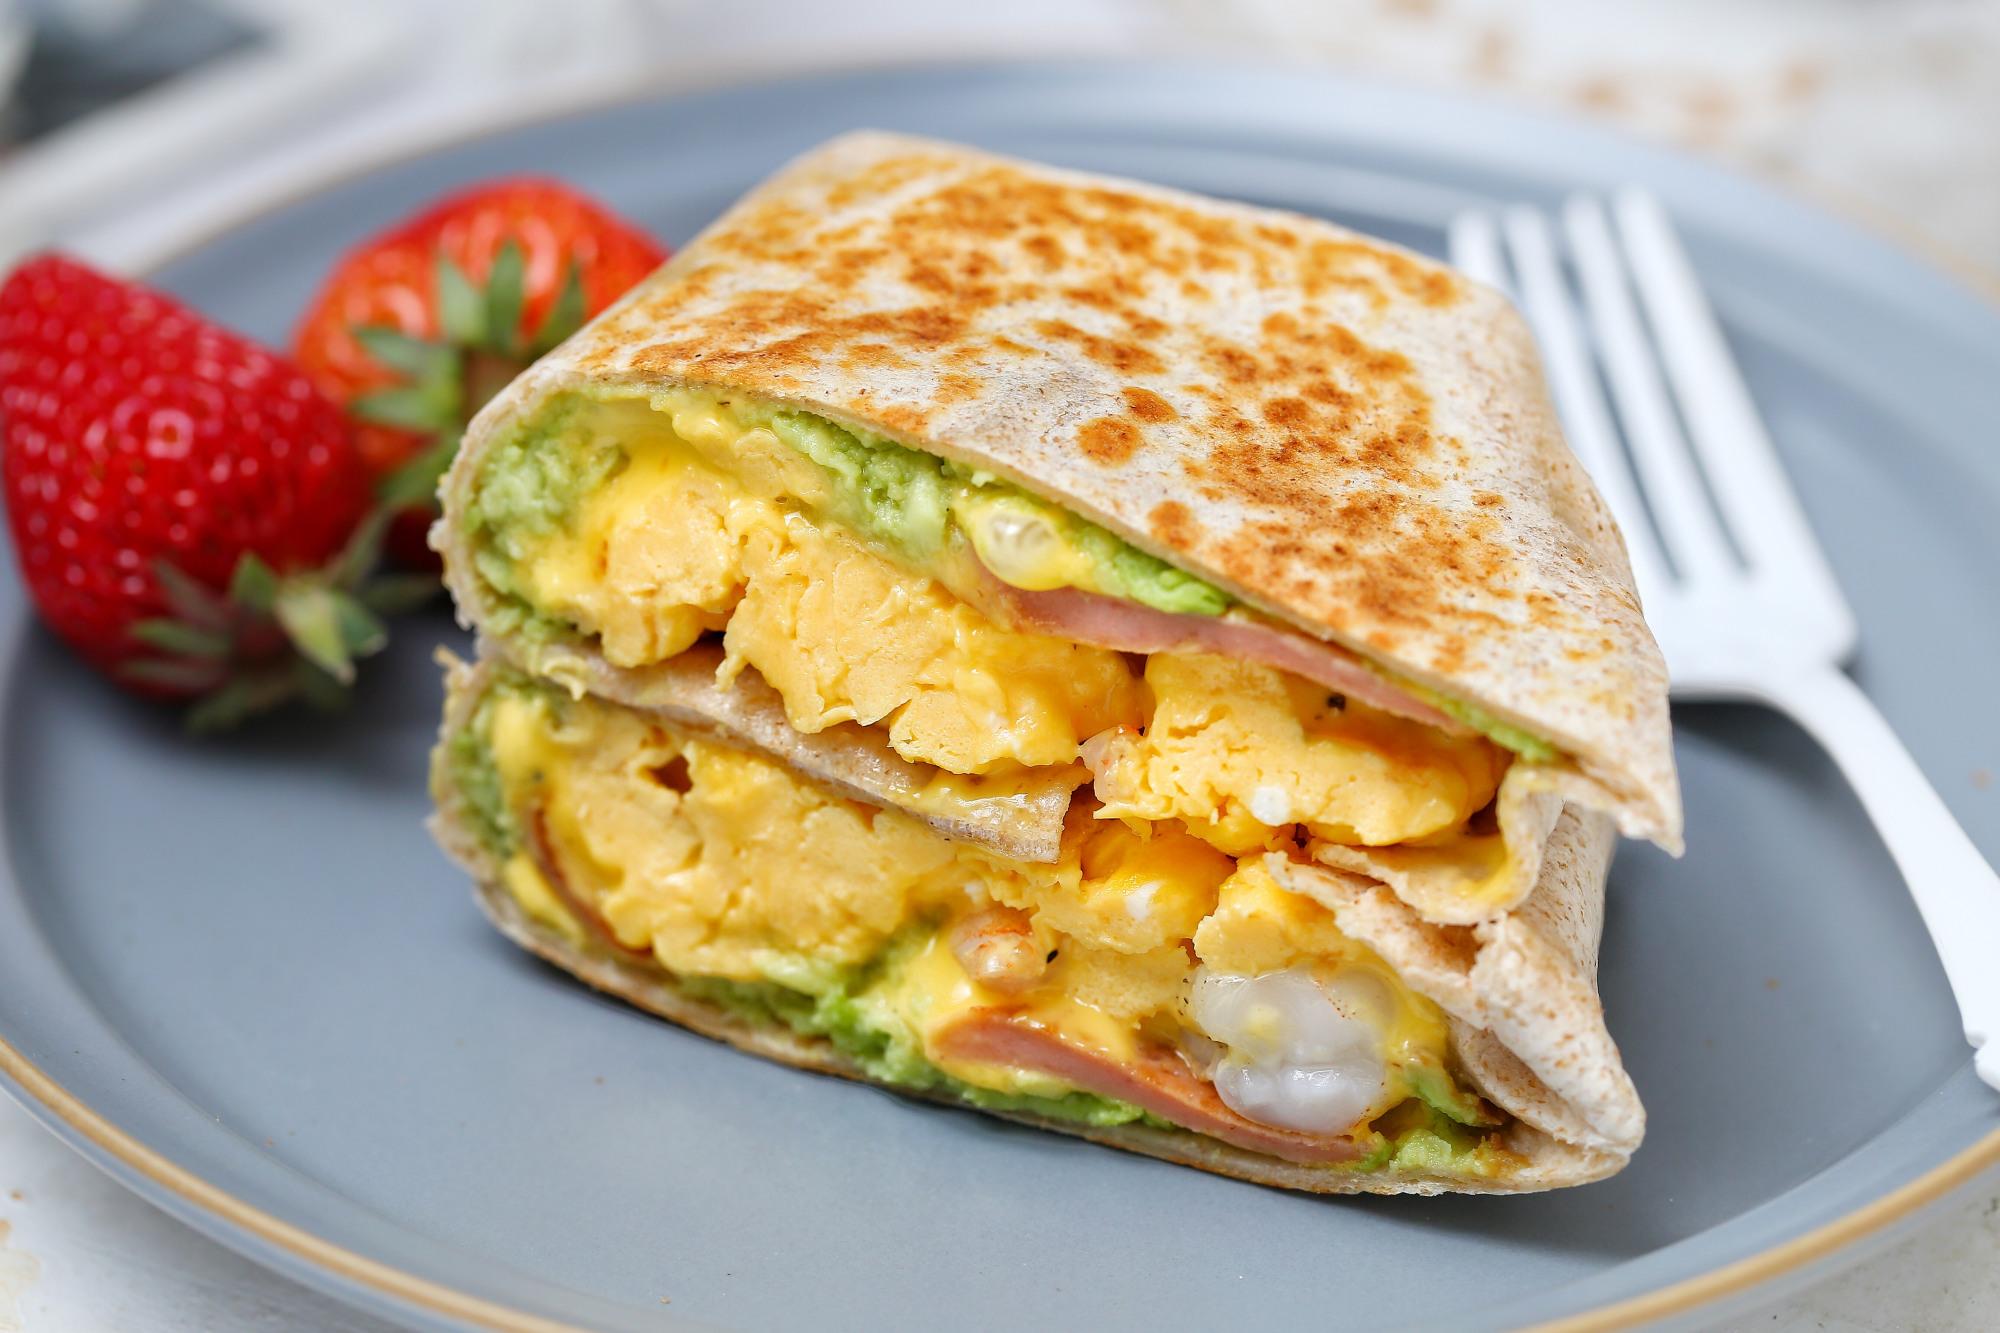 连吃一周也不腻的早餐饼,有虾有蛋营养均衡,简单快手十分钟上桌 美食做法 第1张